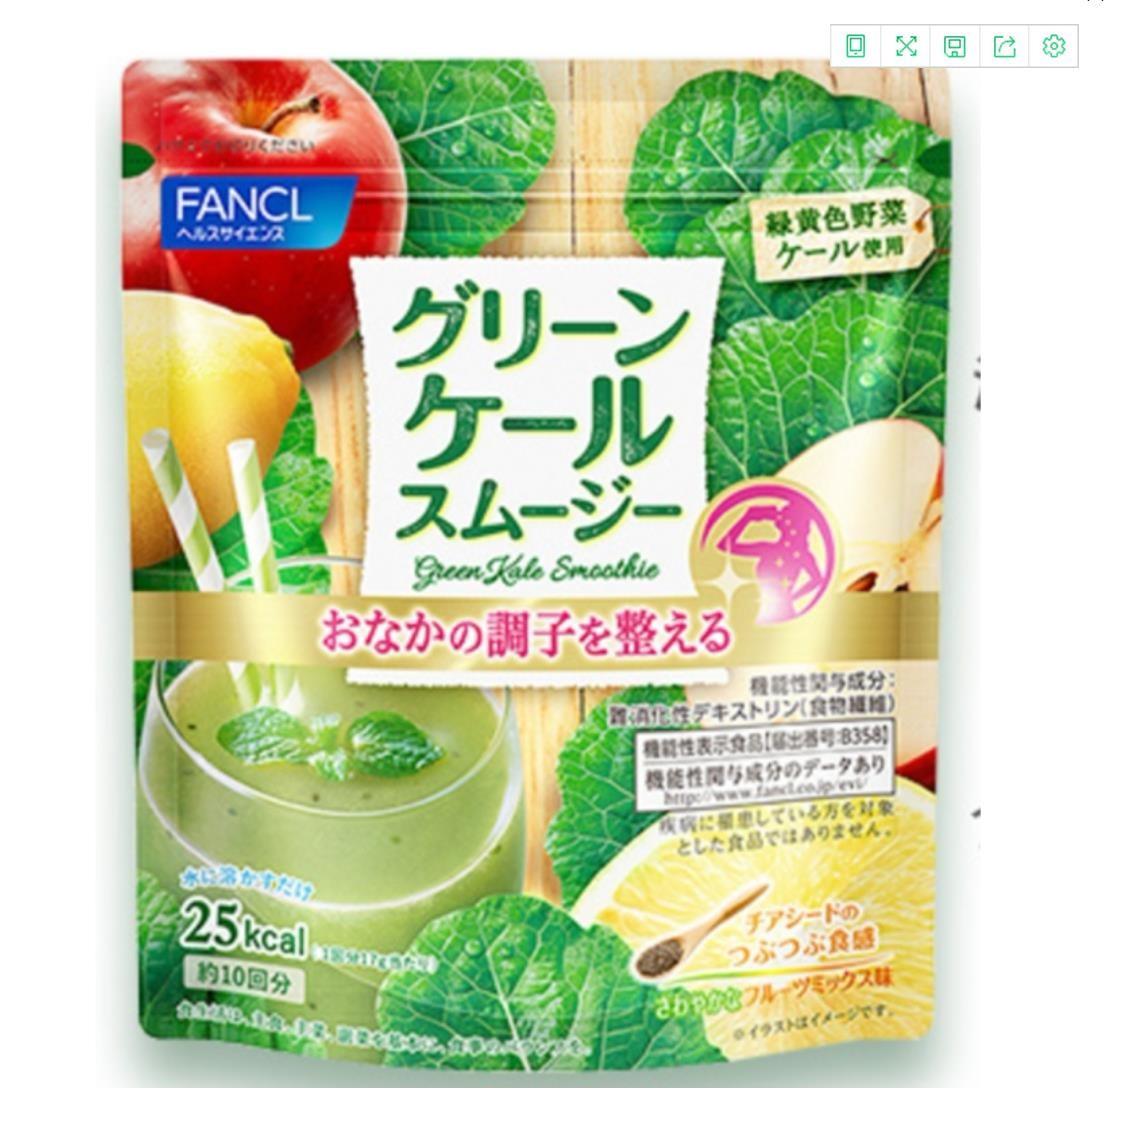 【日本直邮】日本本土版FANCL芳珂青汁冰沙混合果蔬 膳食纤维润肠道美白 提高免疫 170g